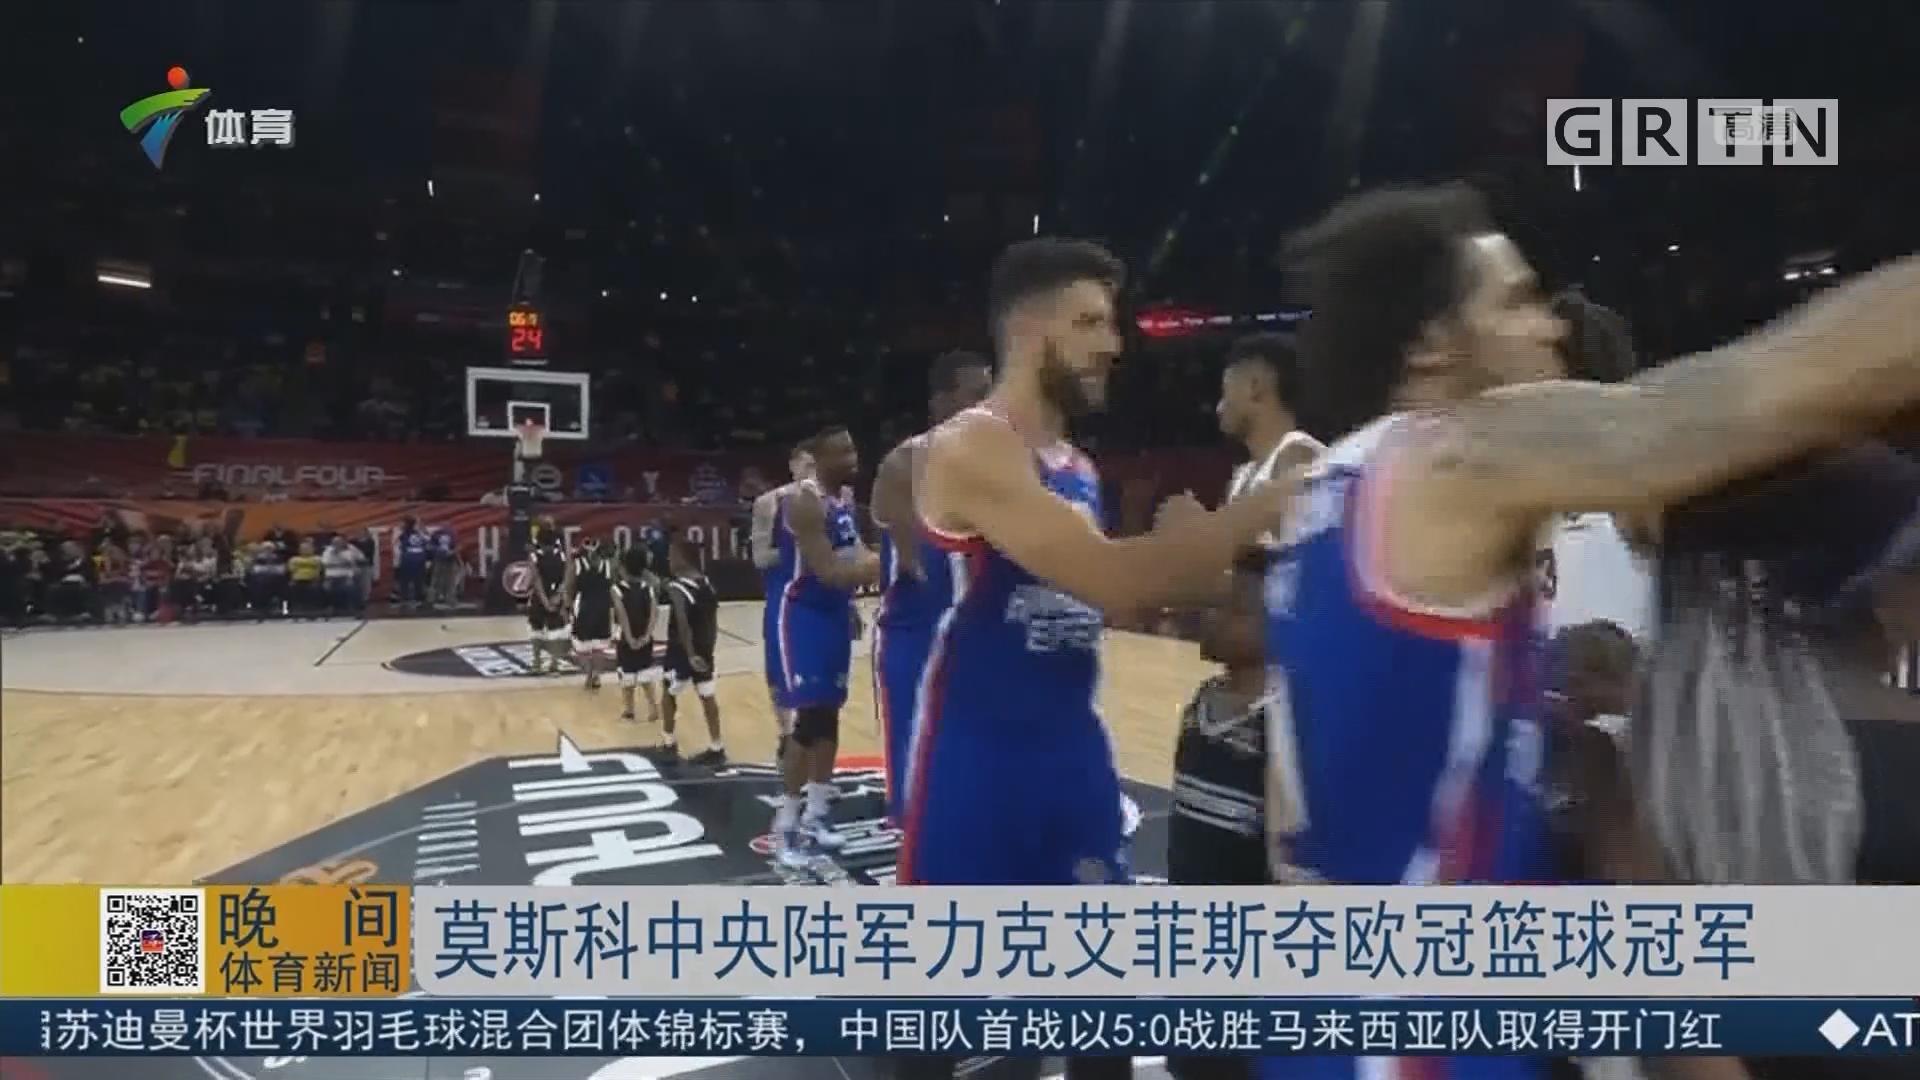 莫斯科中央陆军力克艾菲斯夺欧冠篮球冠军